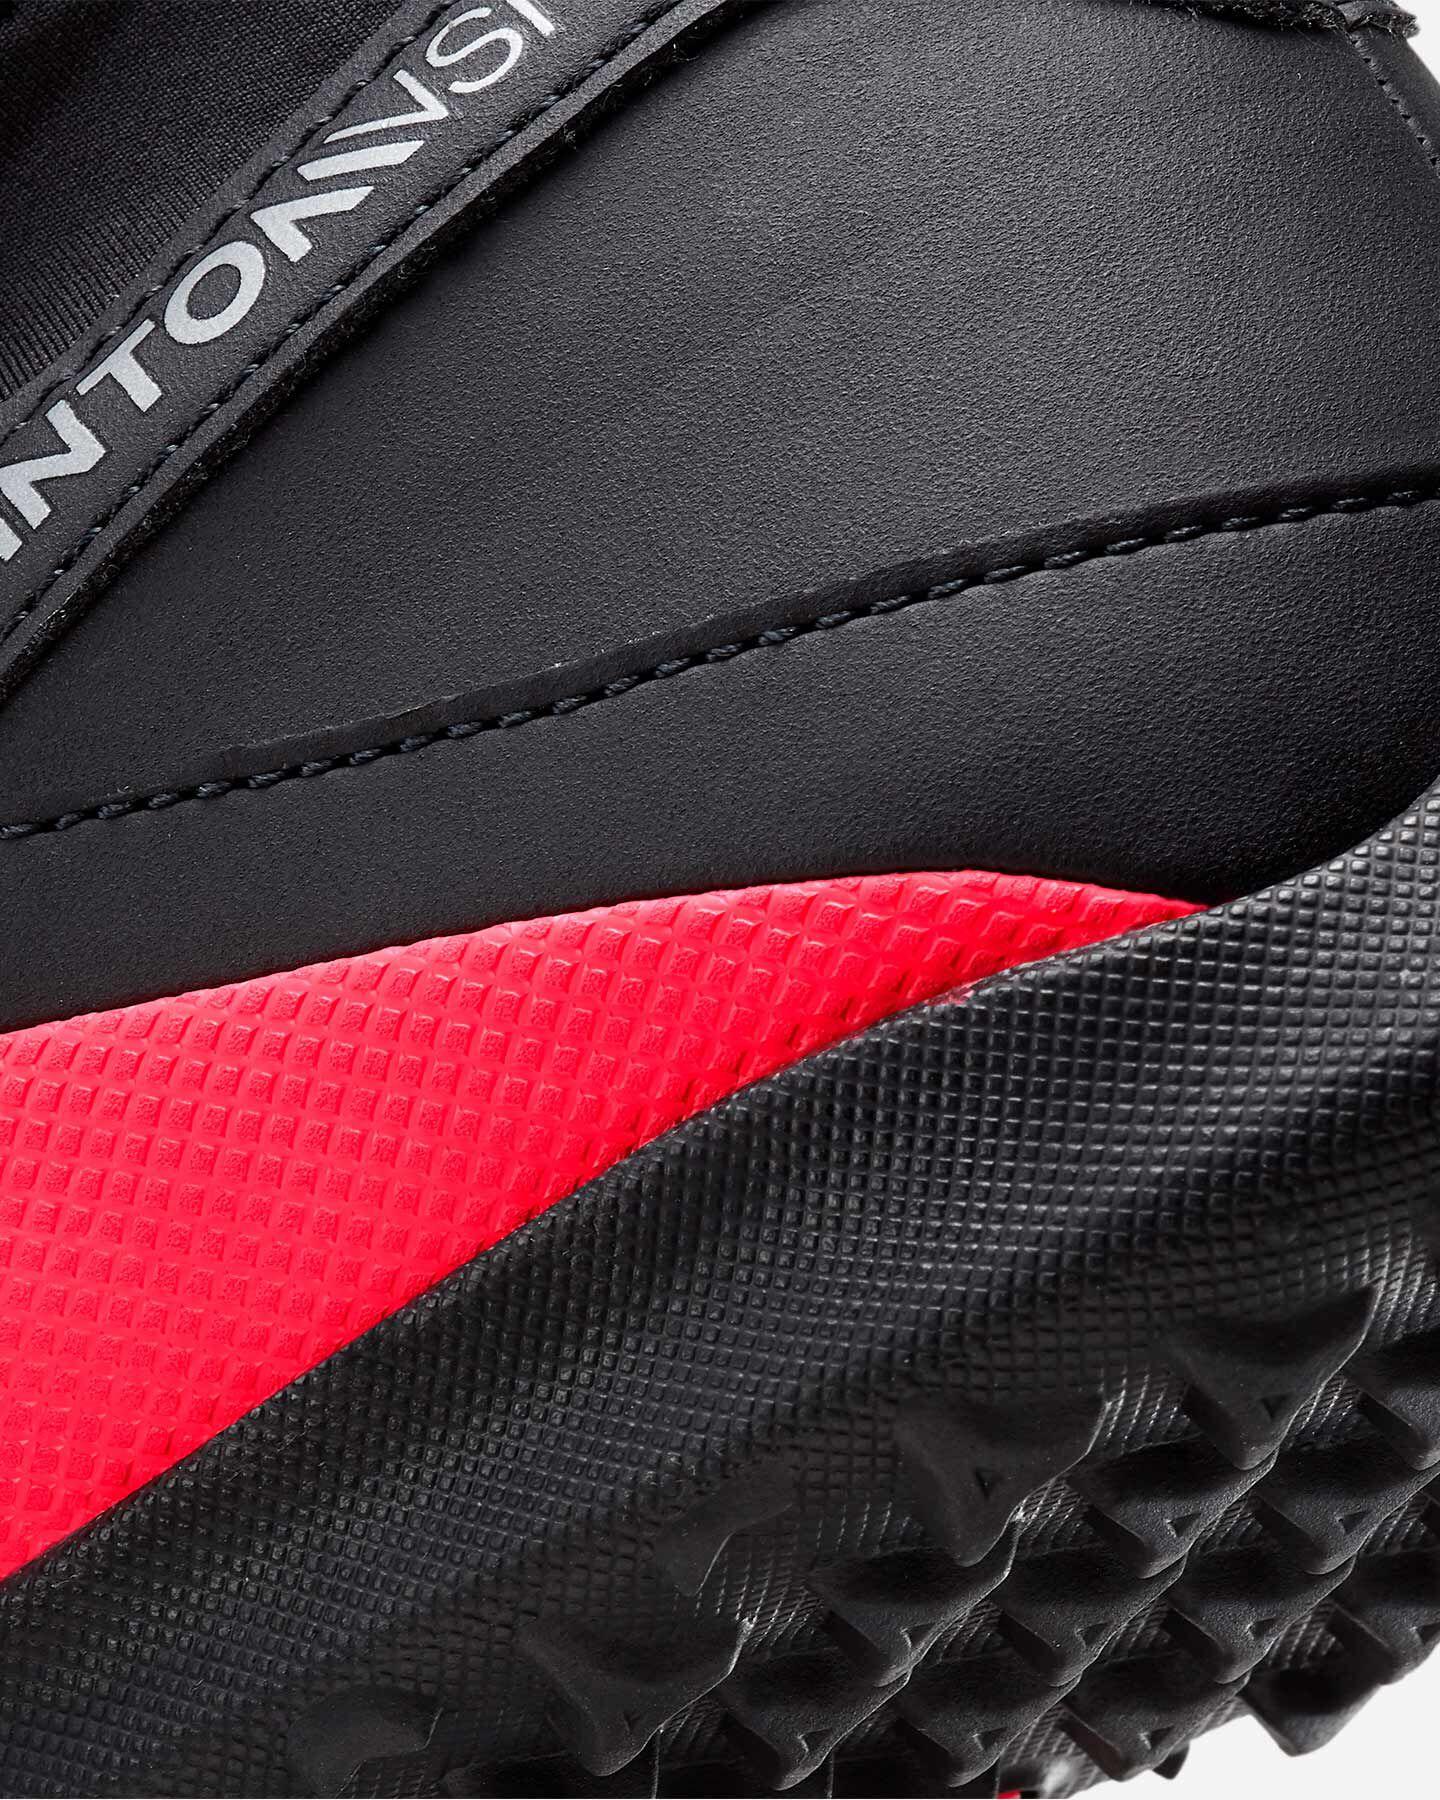 Scarpe calcio NIKE PHANTOM VISION 2 CLUB DYNAMIC FIT TF M S5162007 scatto 6